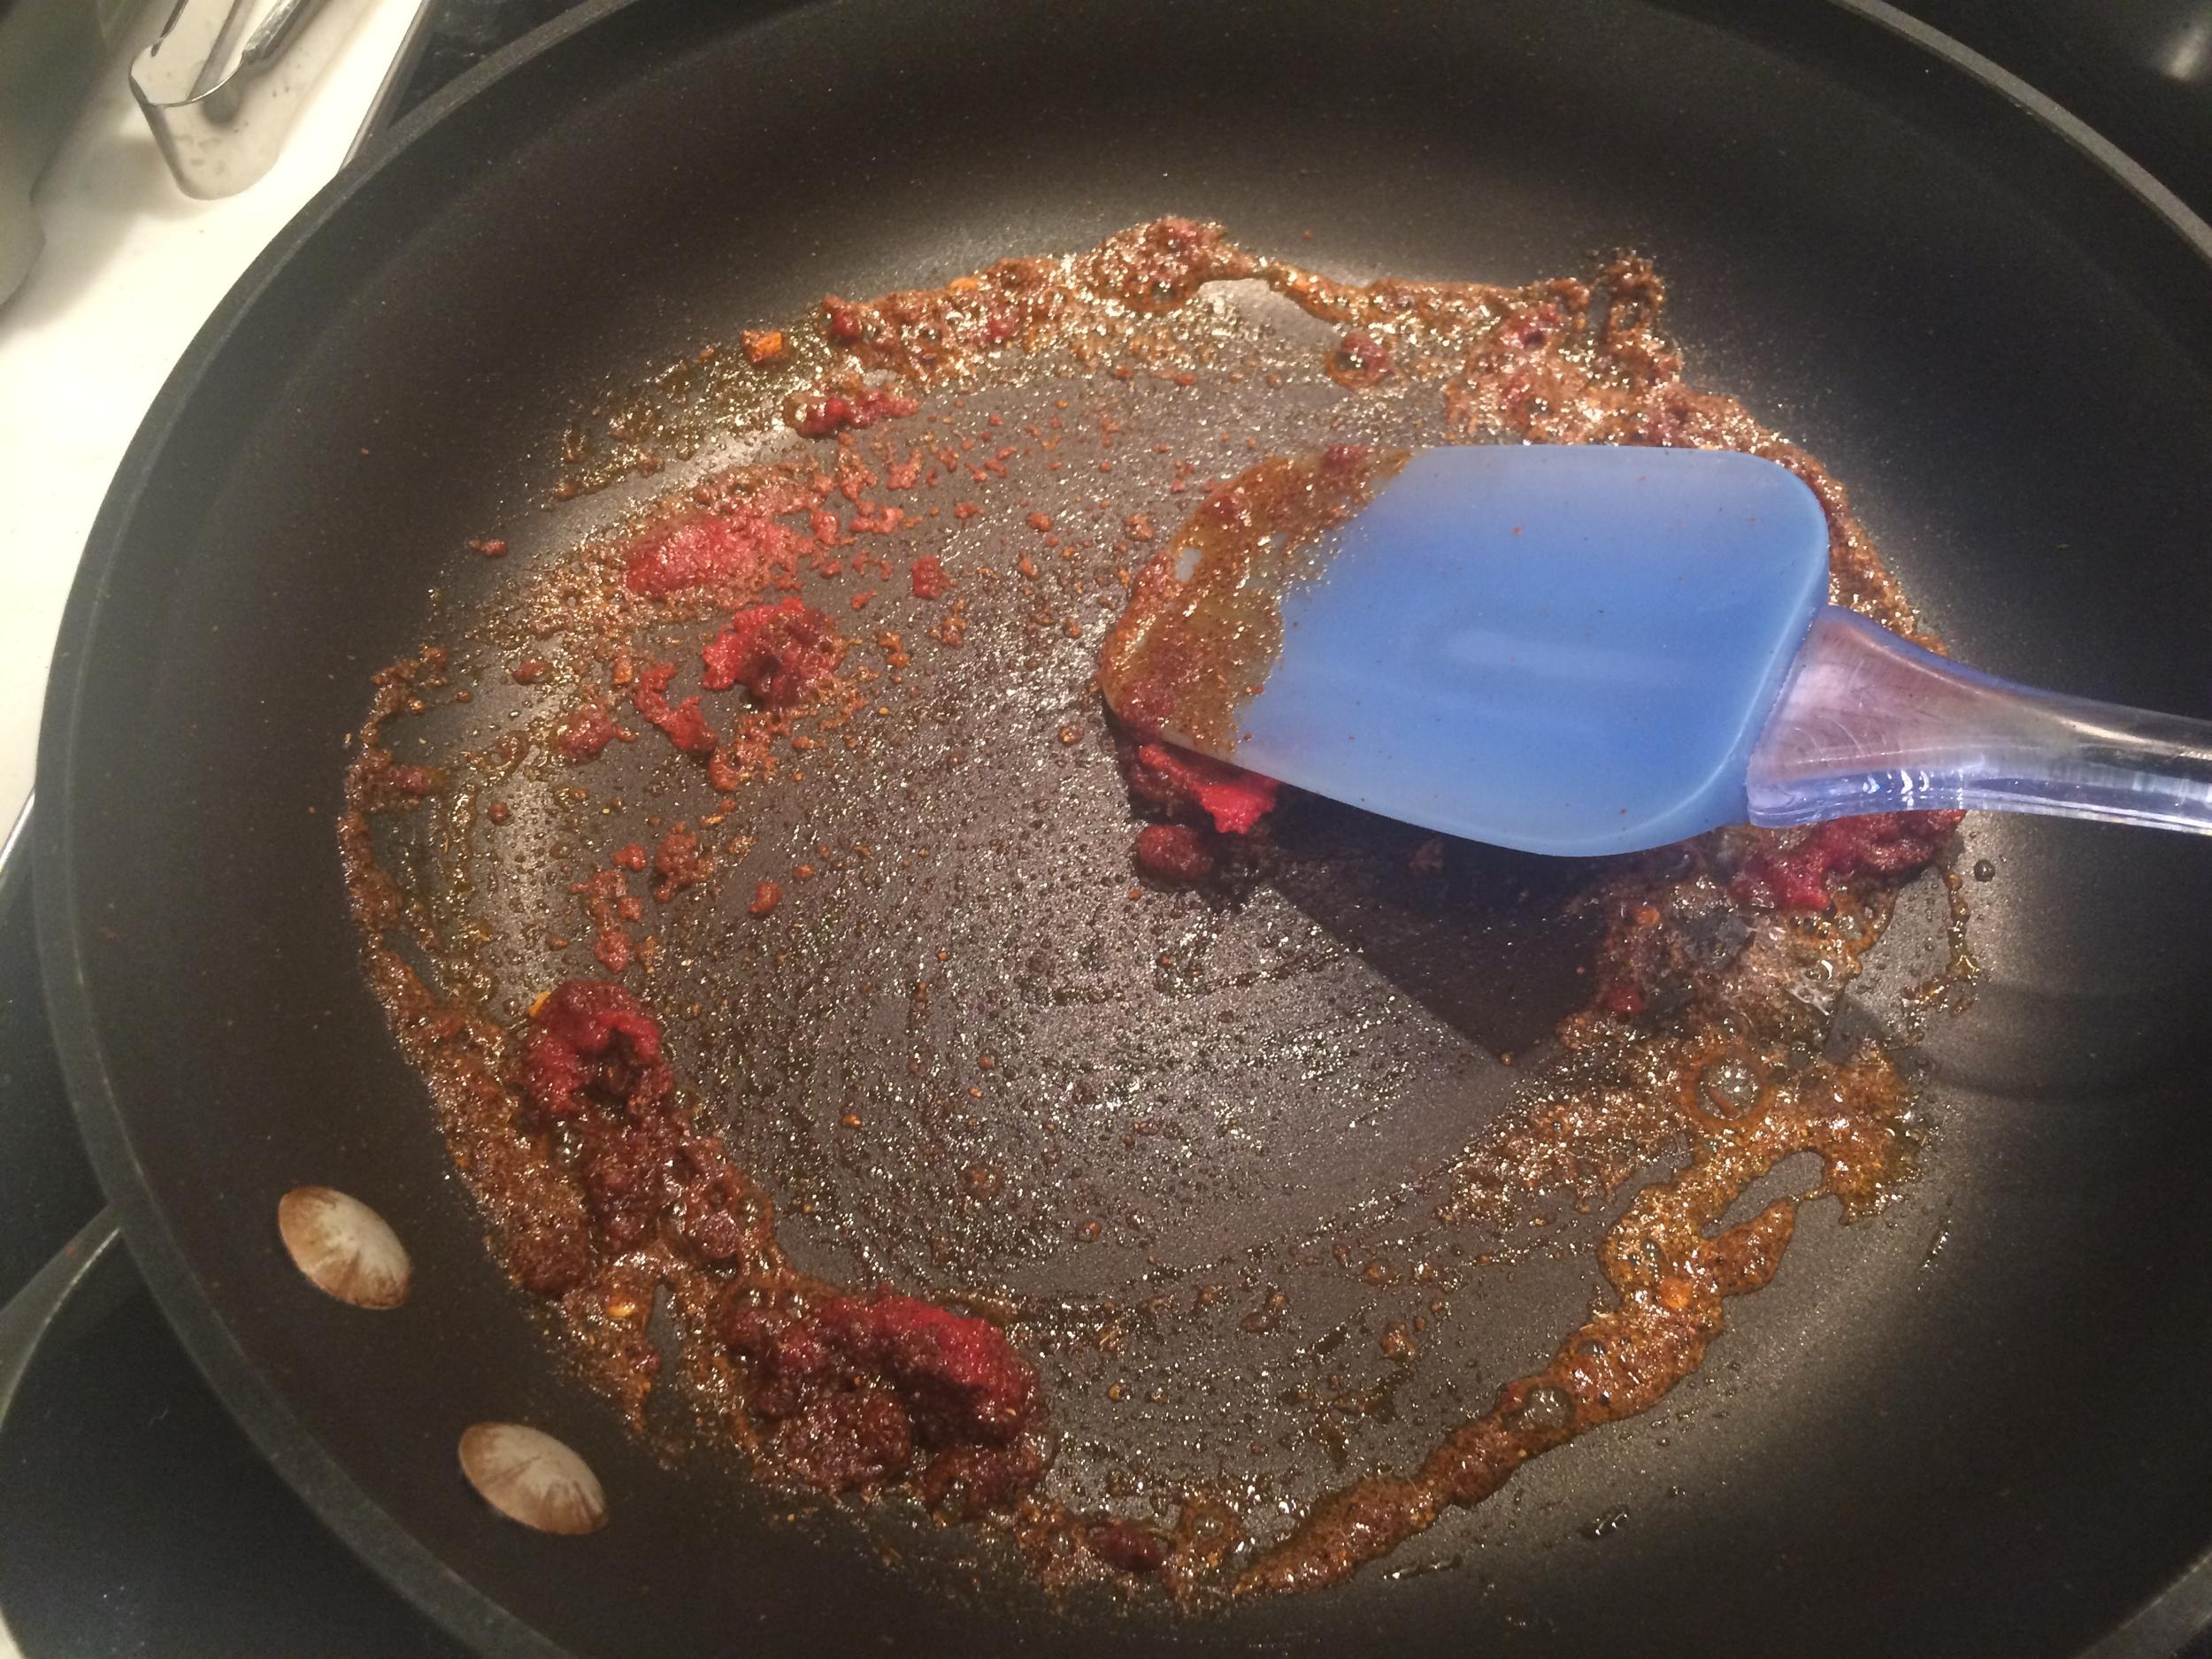 Aqueça a panela em fogo médio. Coloque o azeite, o harissa, o extrato de tomates, o alho, o cominho e metade do sal. Misture de modo que a mistura aqueça por igual e libere seu perfume.